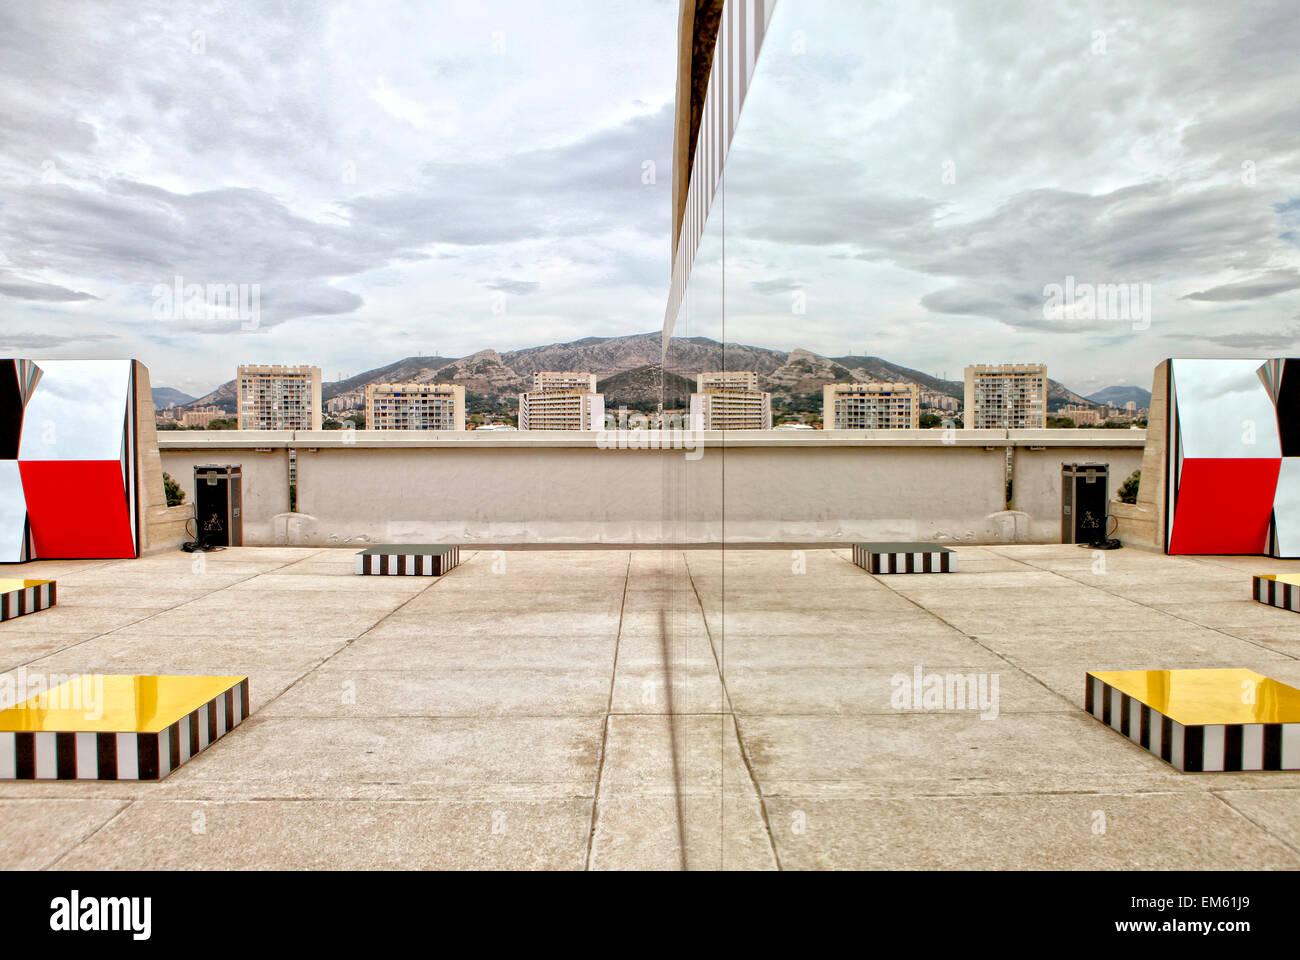 El artista francés Daniel Buren exposición ?Definición Fini Infini, Travaux In Situ? En el centro de arte de MaMo, Cité radieuse de Le Corbusier, Marsella. Foto de stock